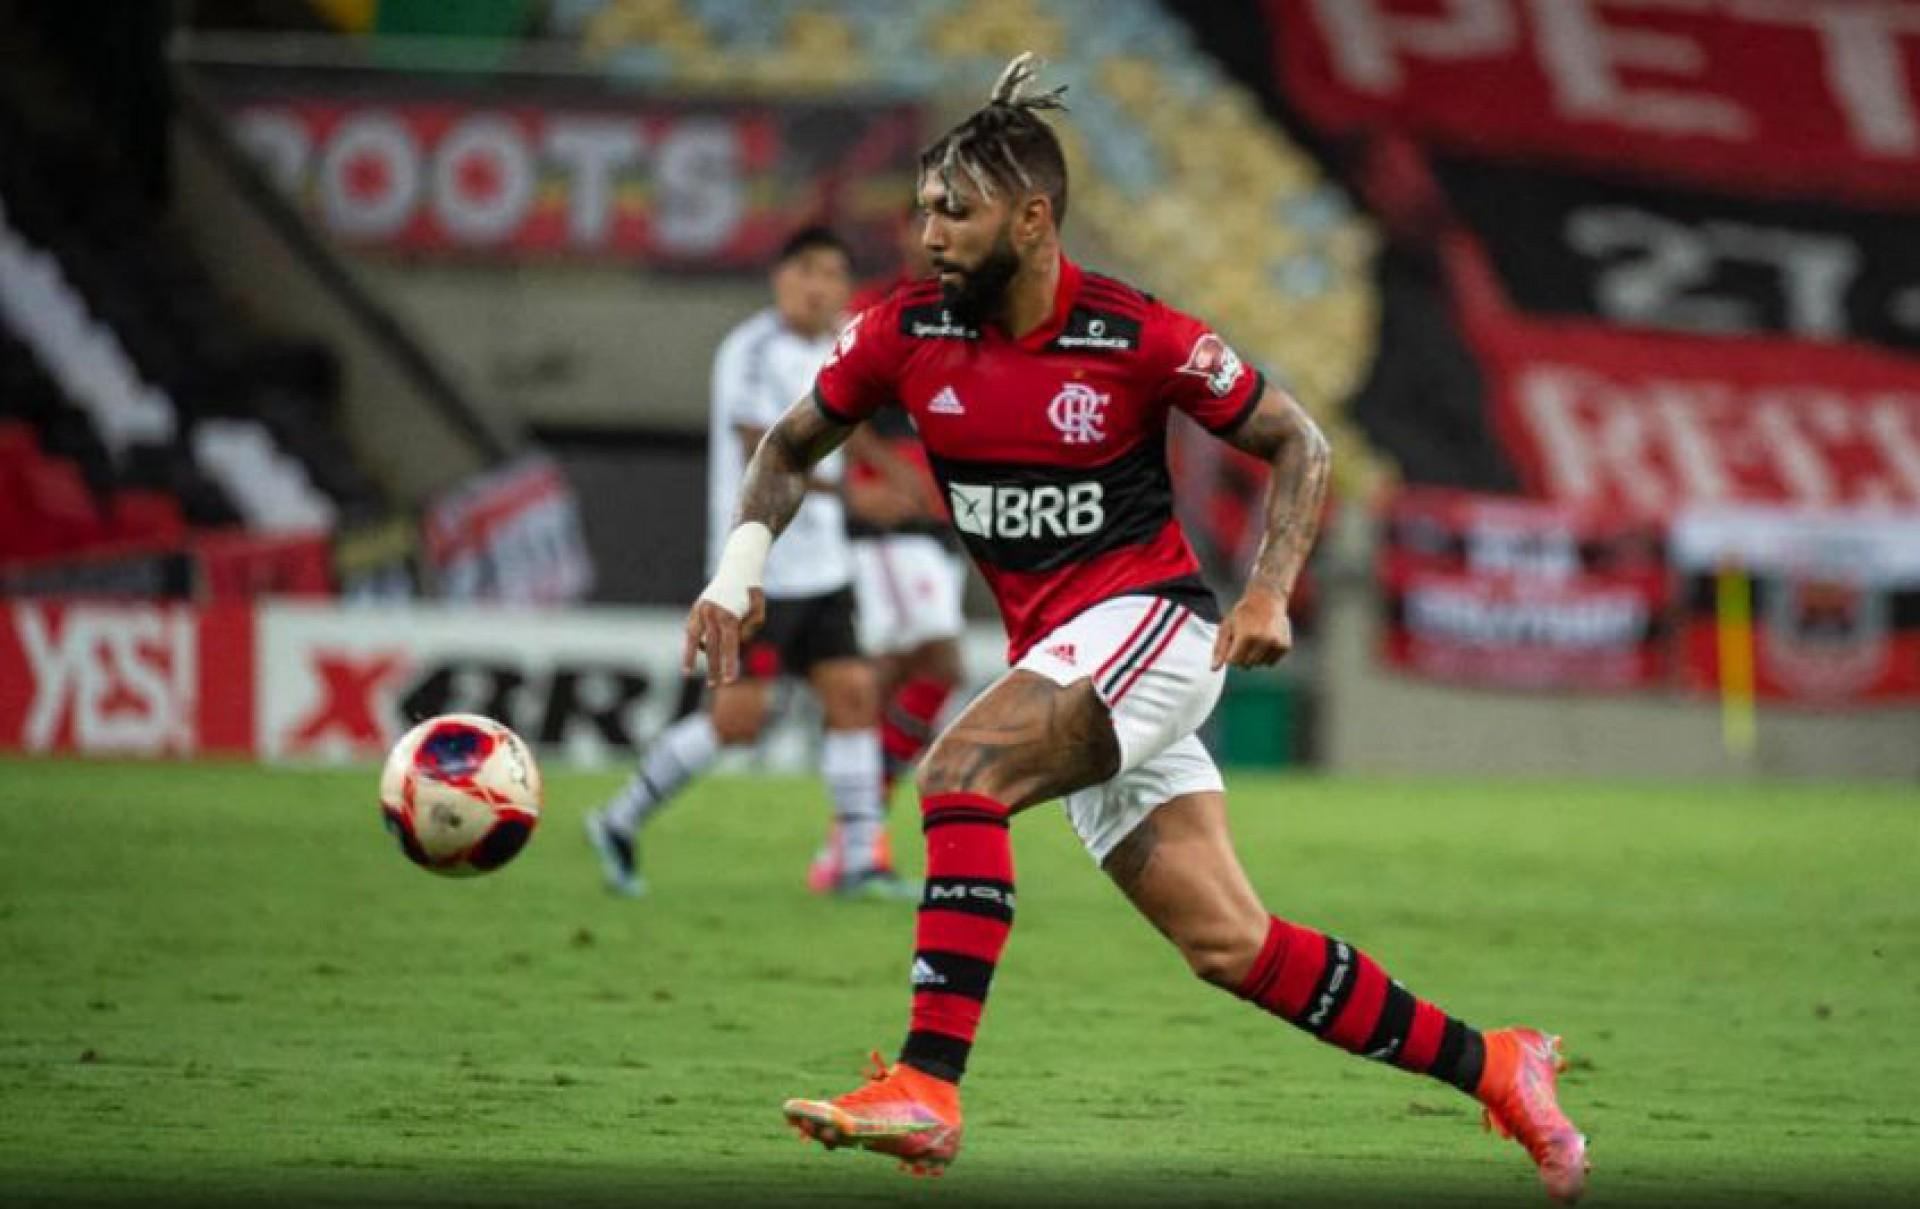 Portuguesa Rj X Flamengo No Carioca Onde Assistir Transmissao Ao Vivo Futebol Esportes O Povo